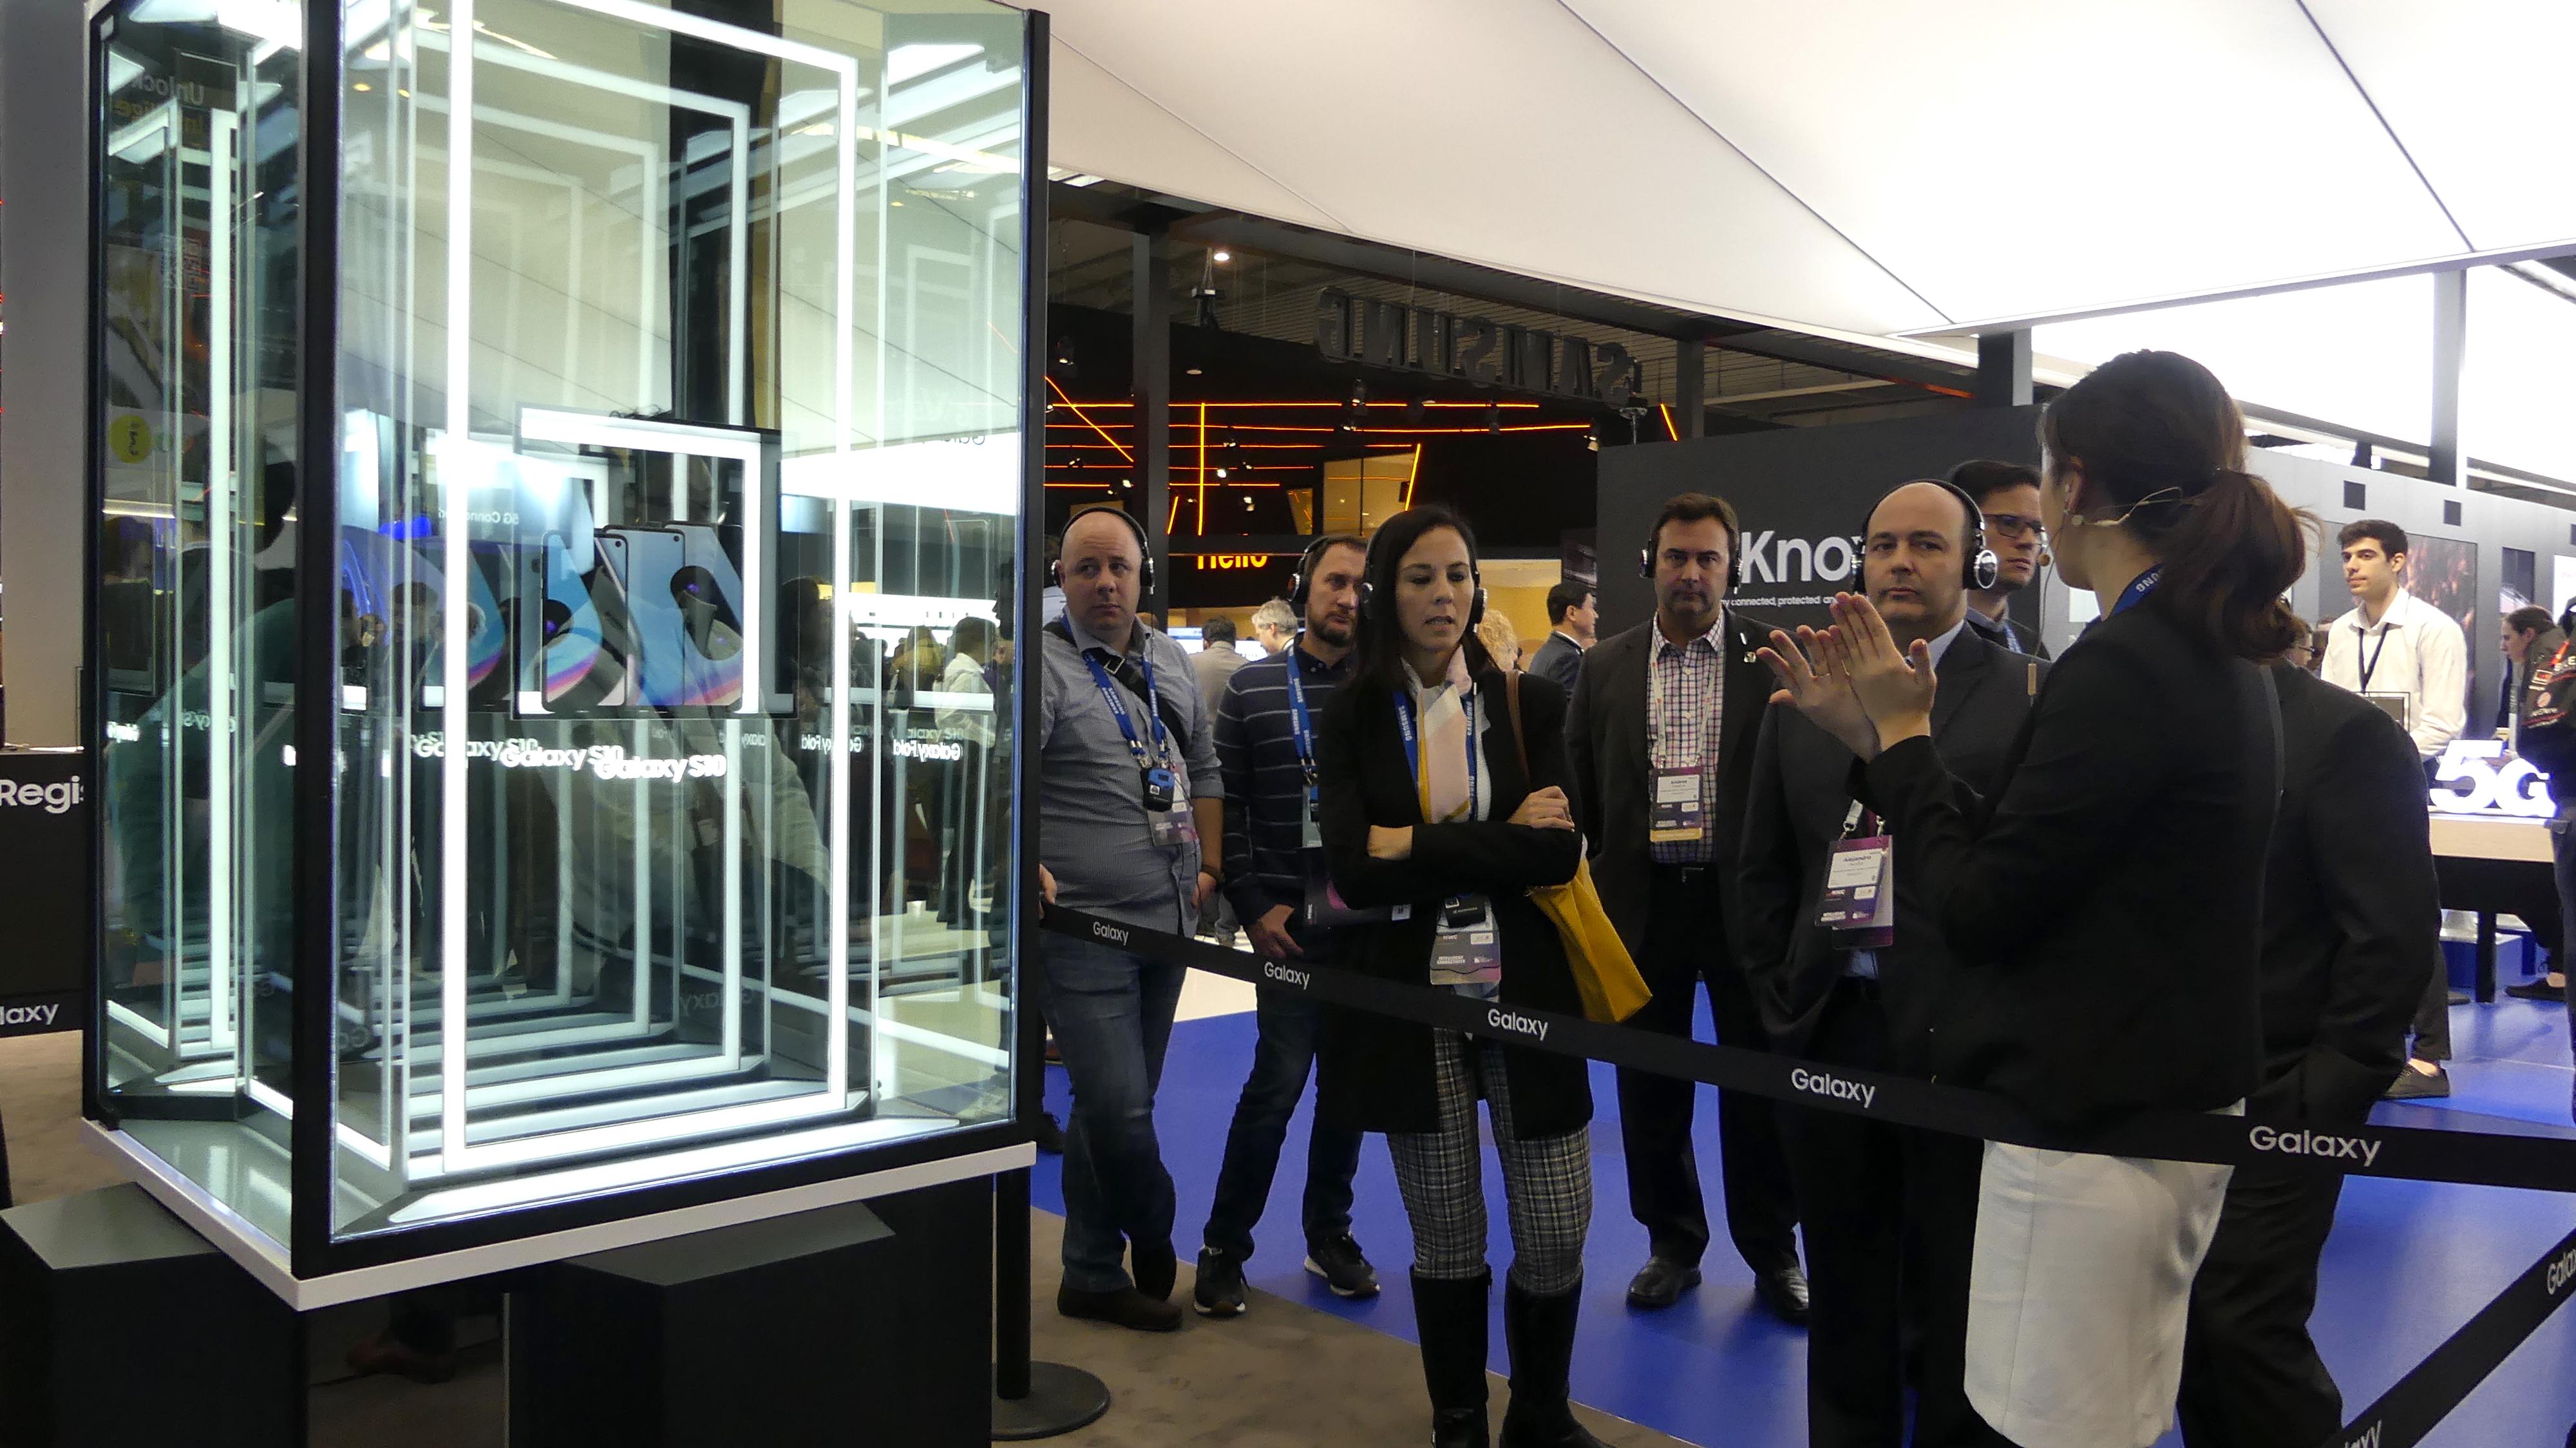 Una trabajadora de Samsung explica a los asistentes las características del Samsung Galaxy Fold, un móvil plegable.